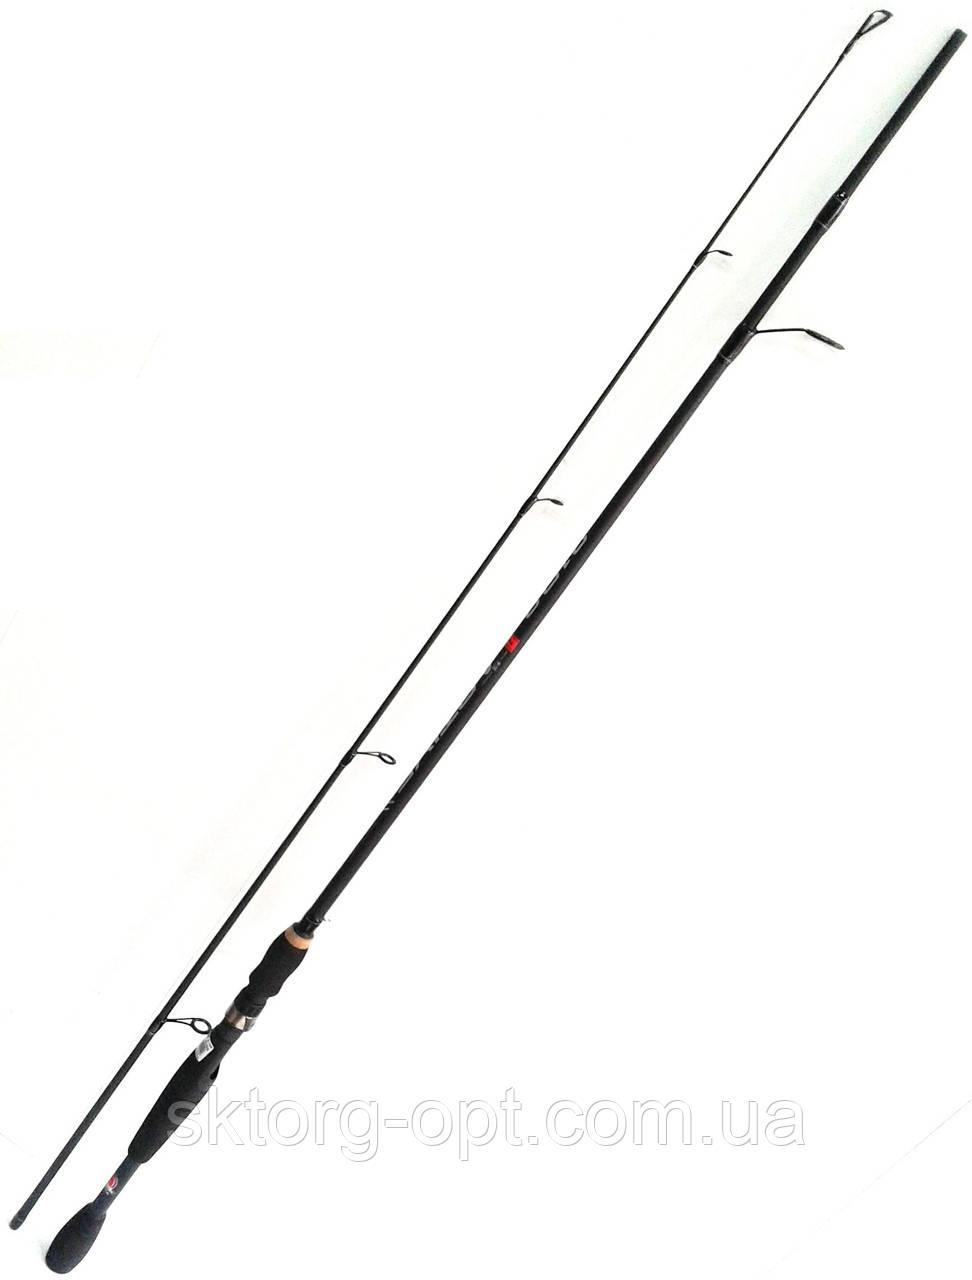 Спиннинг RS Fishing Active  2.4м 5-20гр